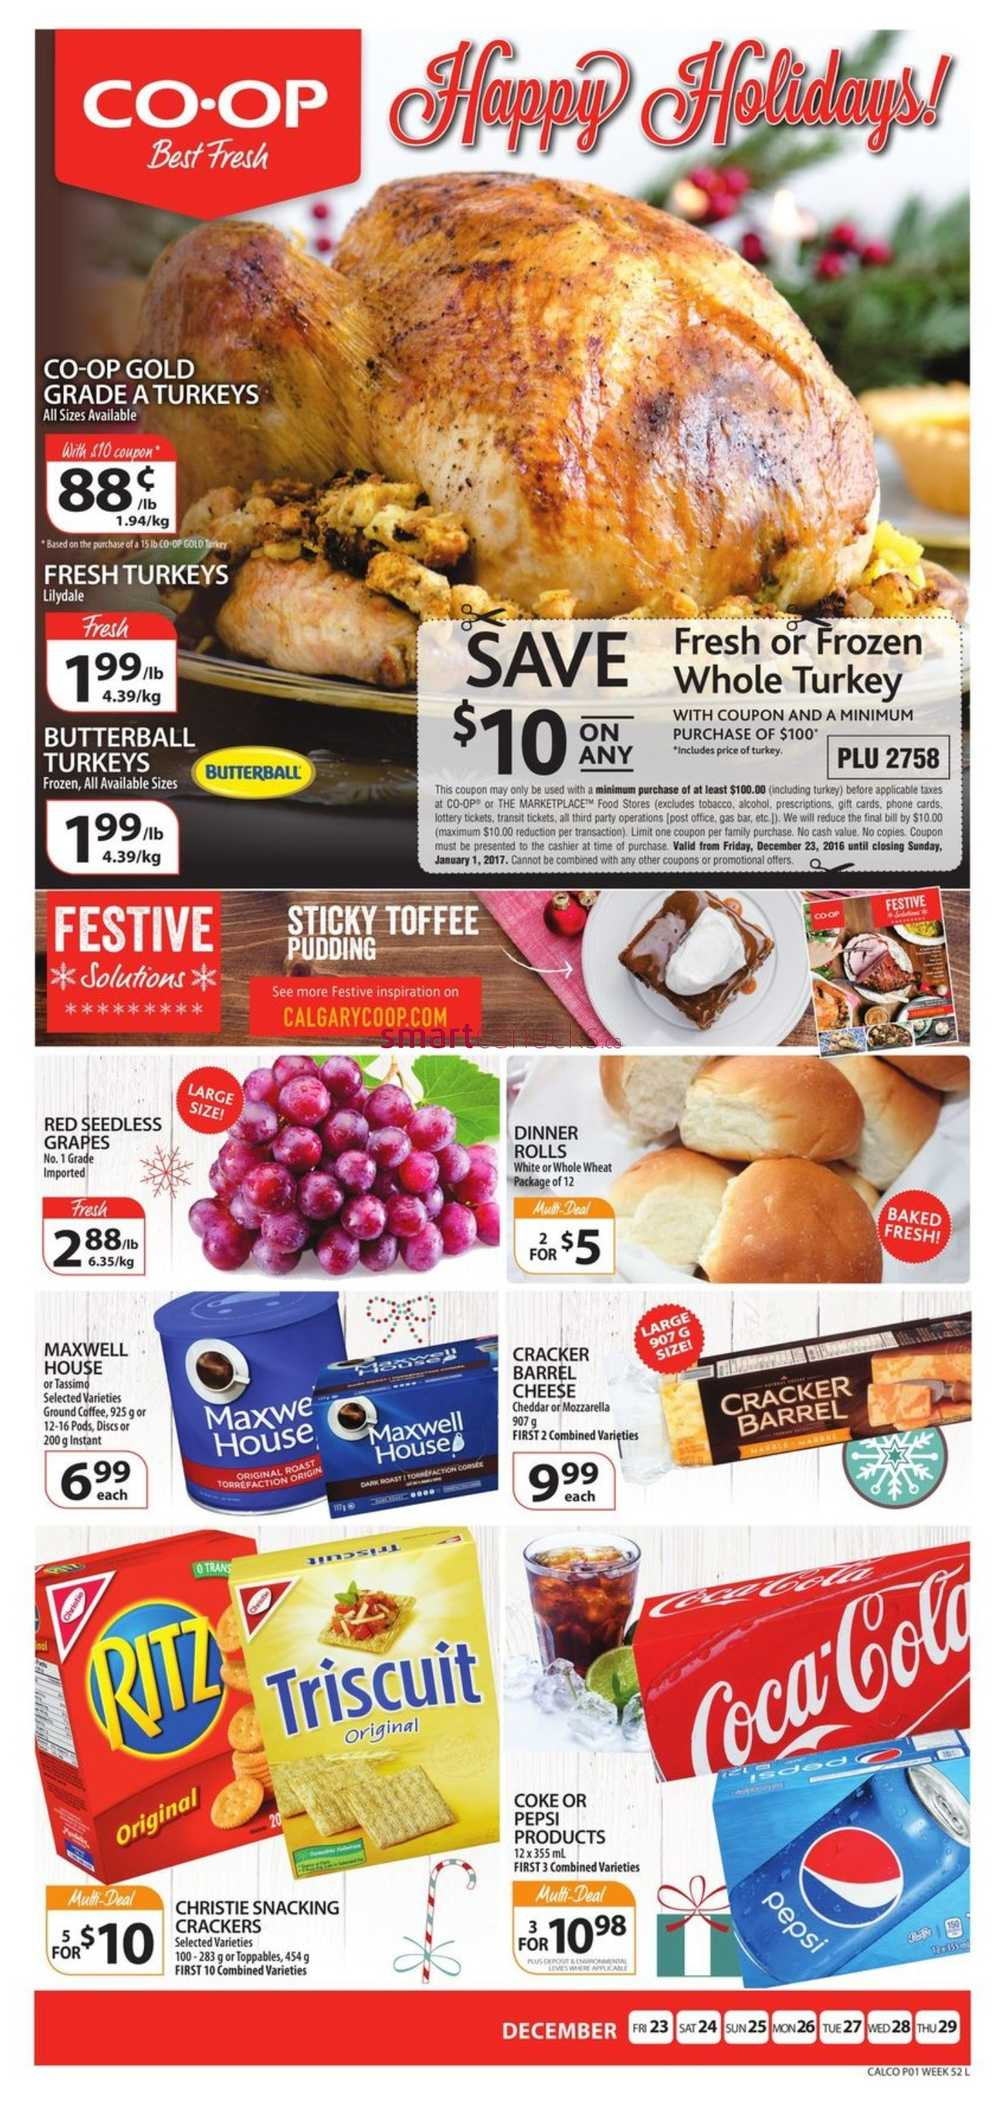 Co op coupons discounts